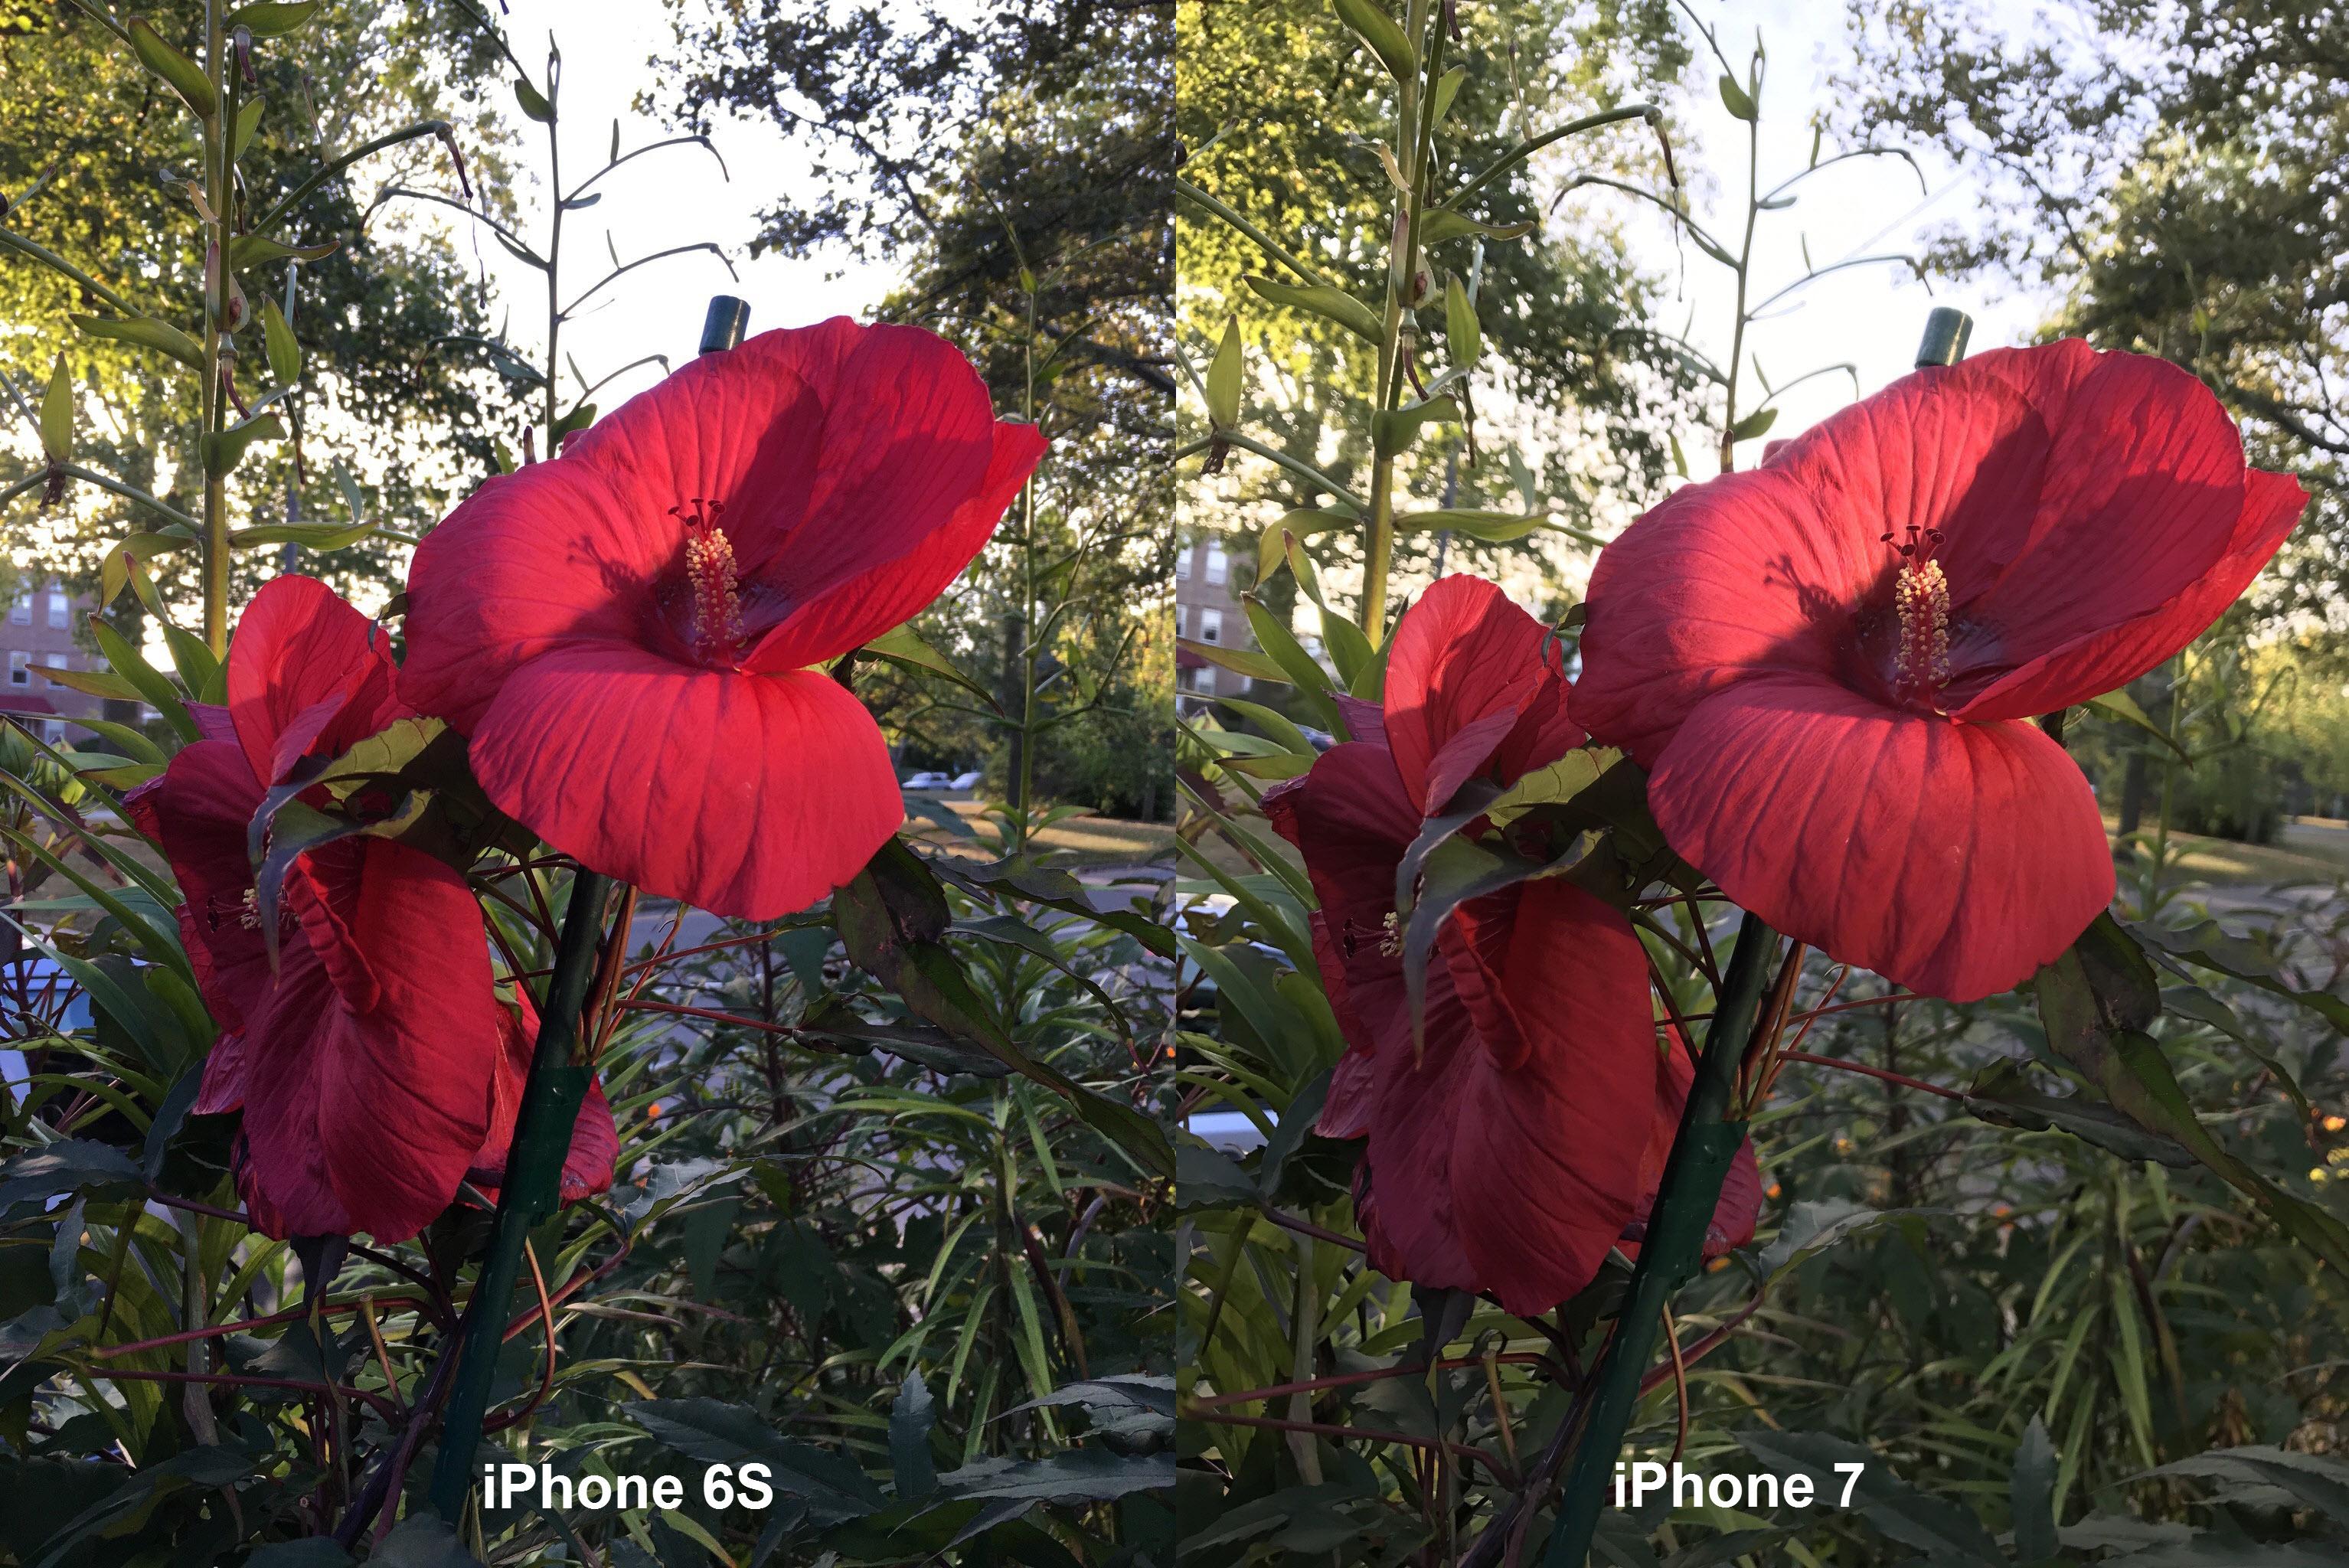 камера 6s и 7